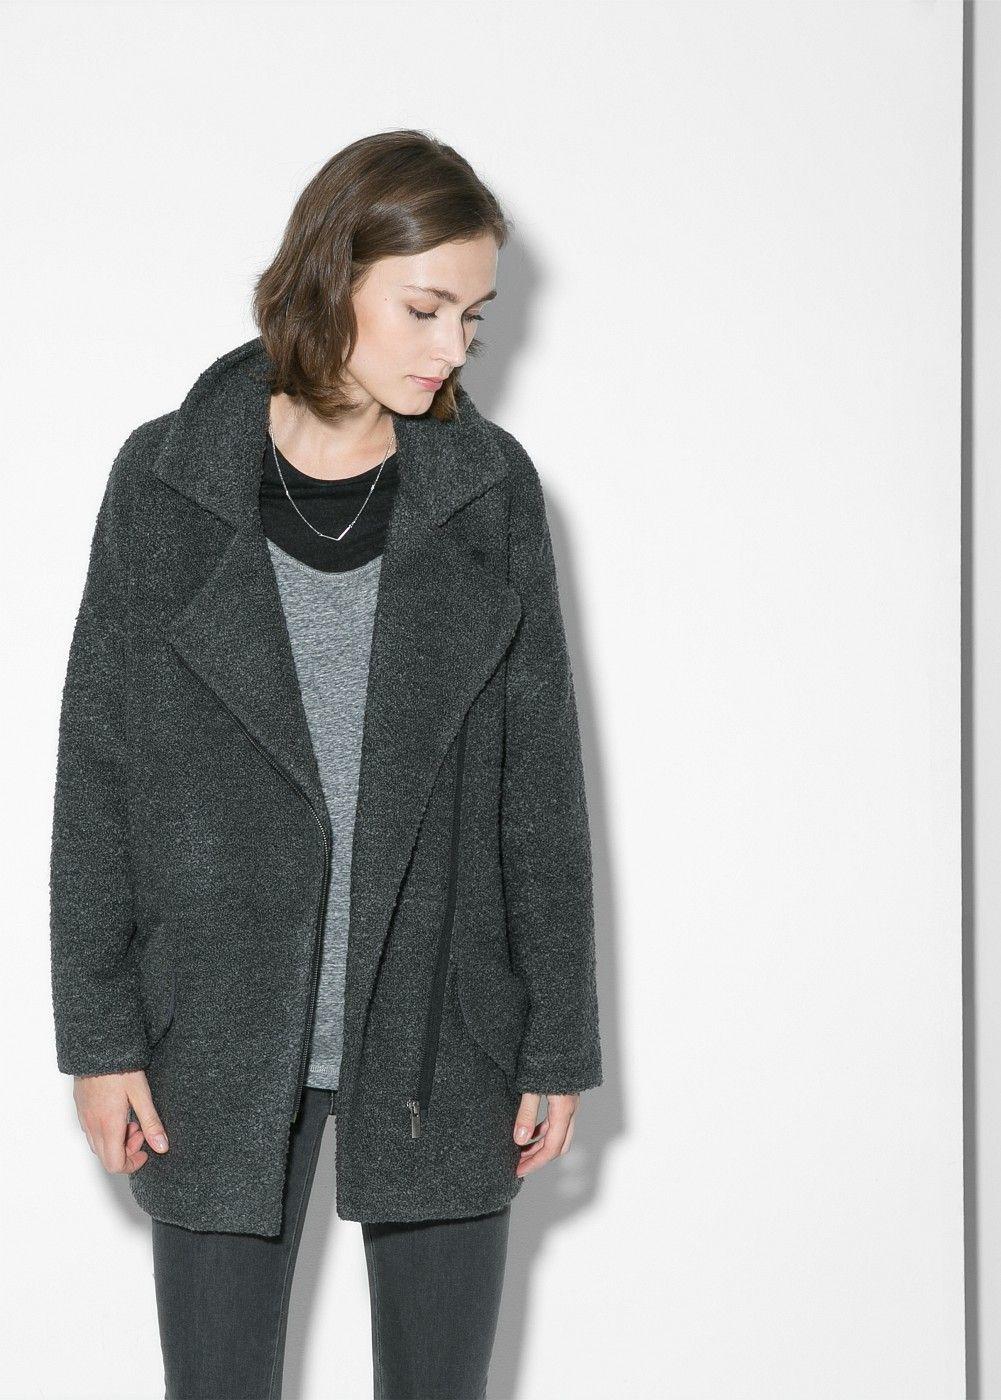 Παλτό oversize τουίντ | Tweed, Coats and Fade styles